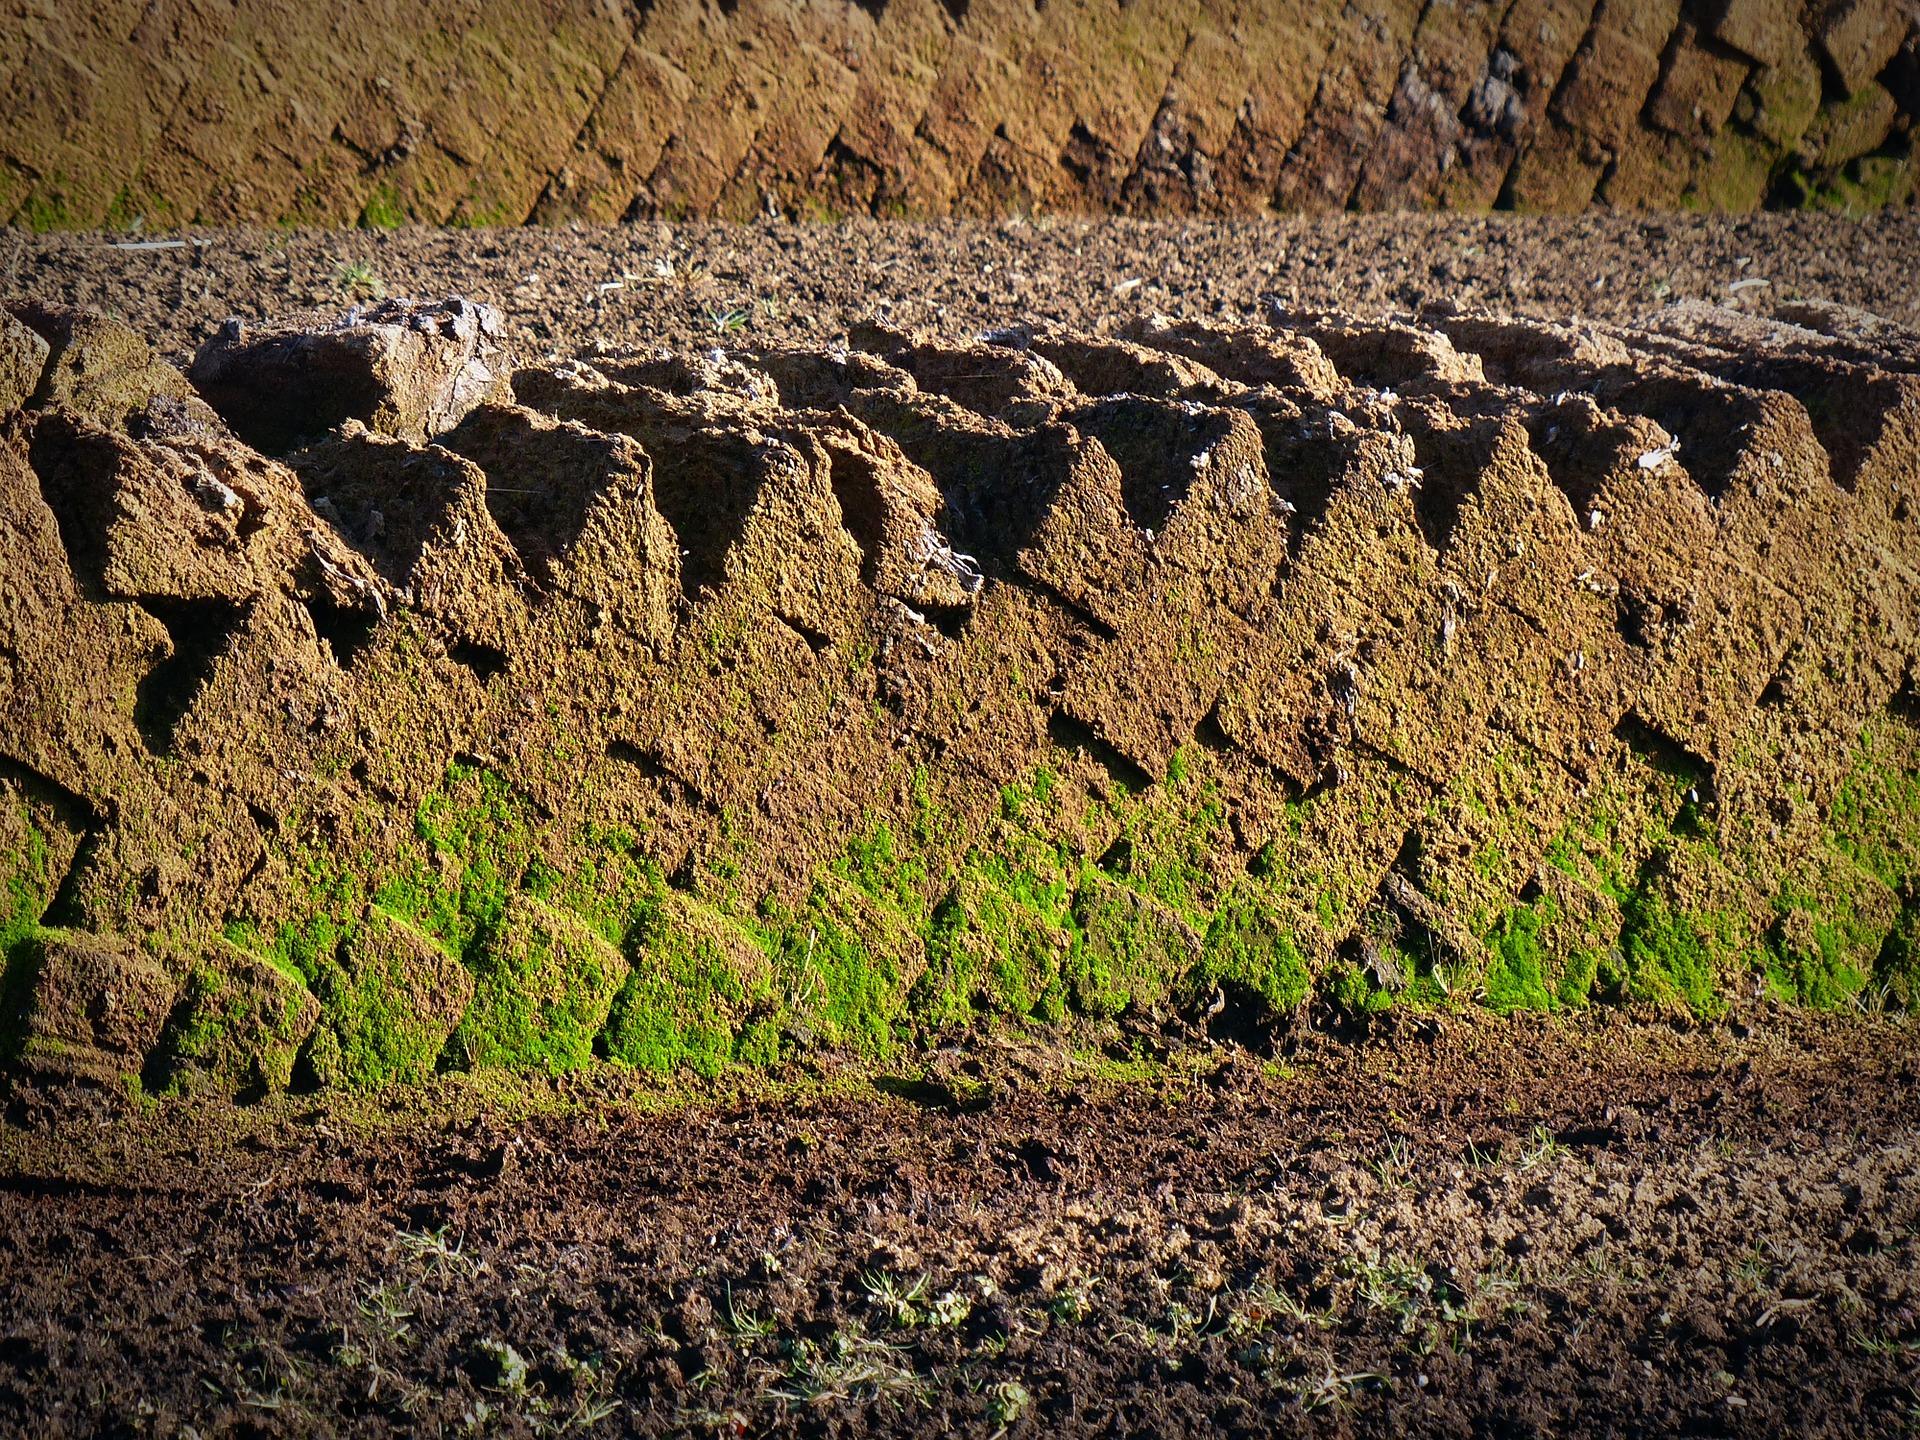 Rašelinové koupele jsou možné díky bohatým zdrojům rašeliny na Šumavě a v Jižních Čechách.